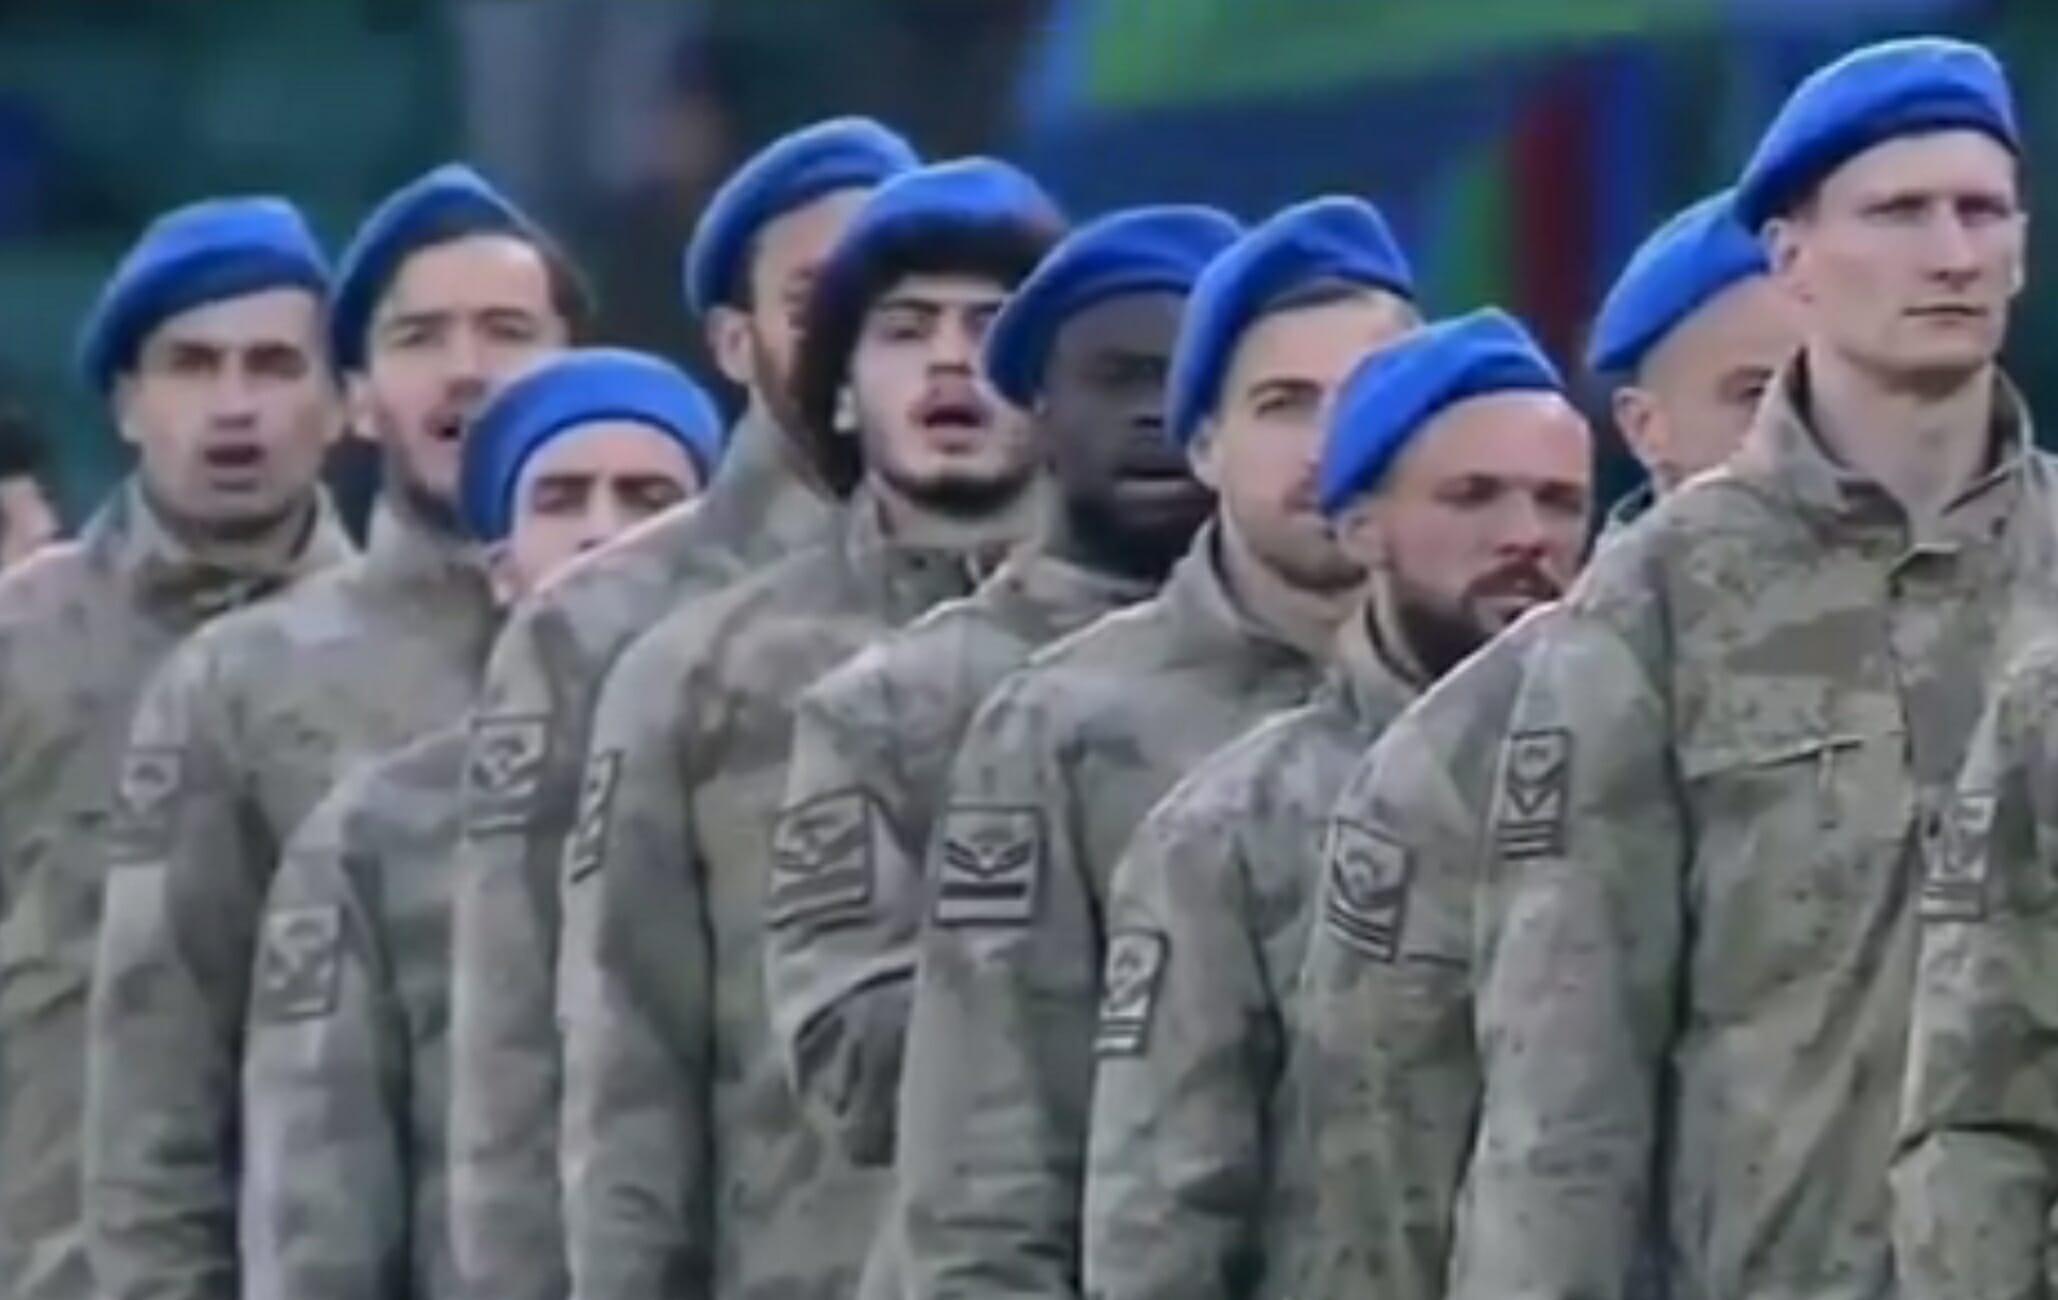 Απίστευτες εικόνες στην Τουρκία! Με στολές παραλλαγής οι παίκτες της Ρίζεσπορ κόντρα στην Αλάνιασπορ των Ελλήνων (vids, pics)